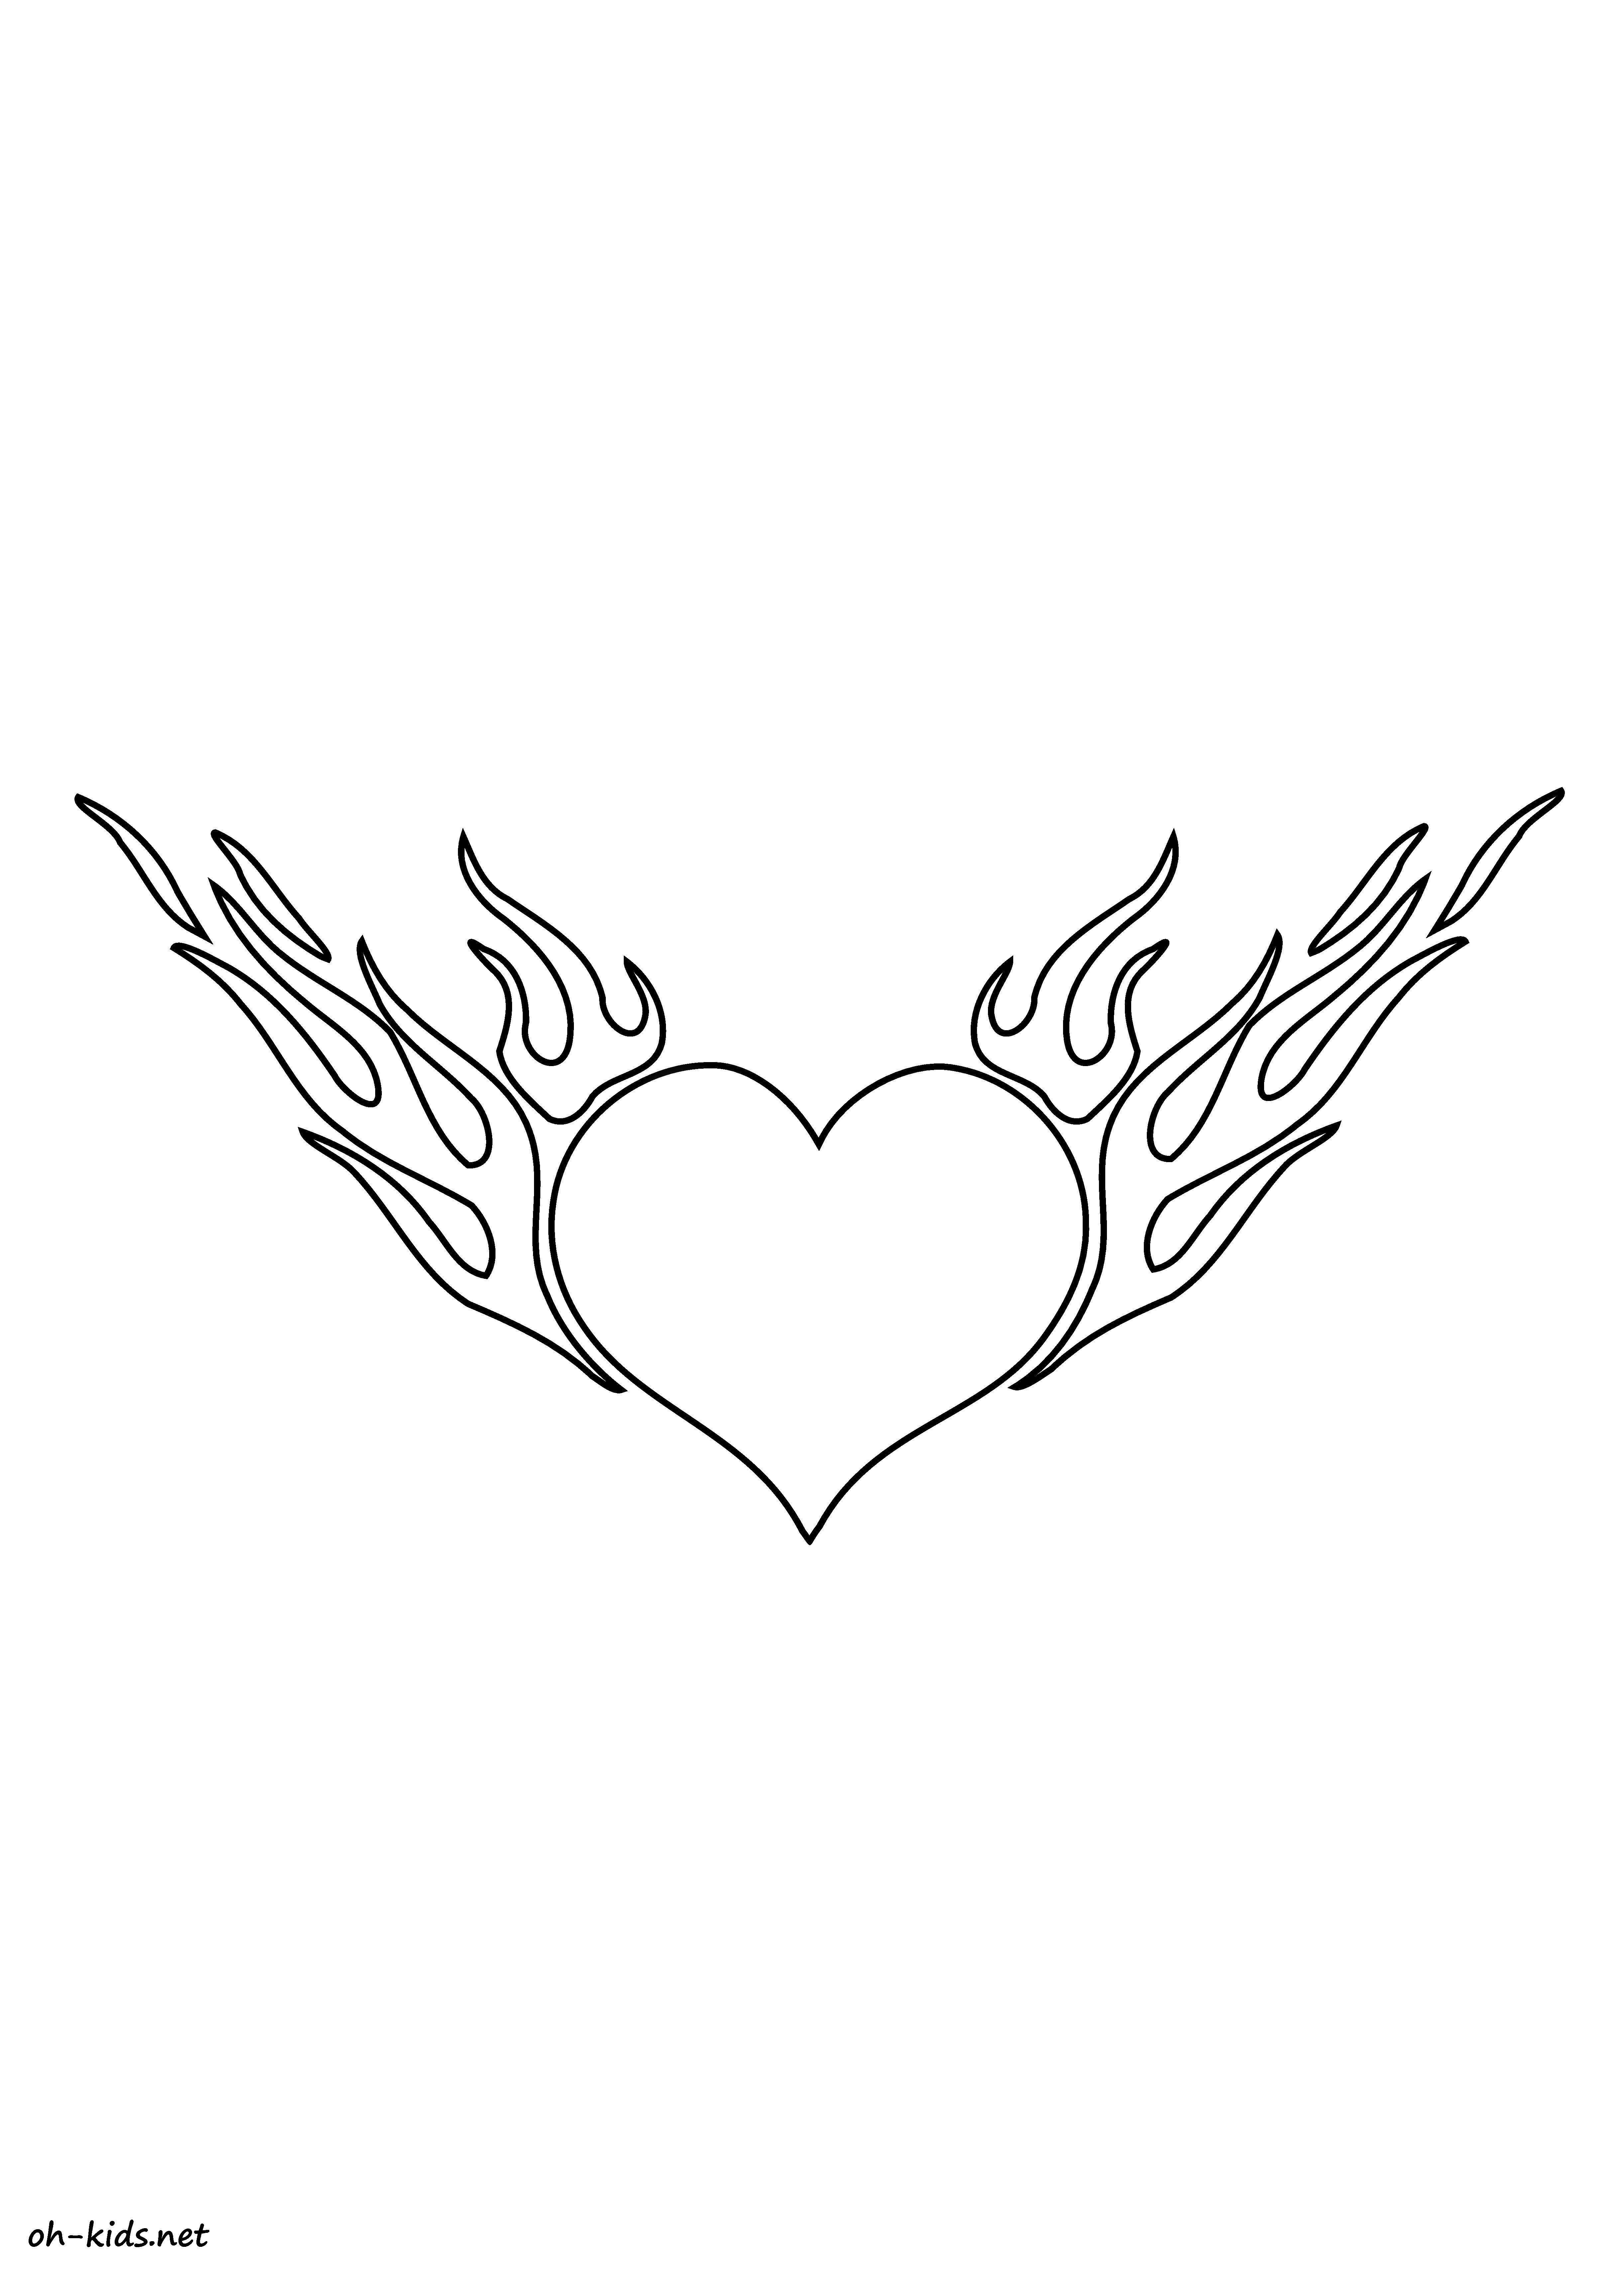 Dessin de Saint-Valentin imprimer et colorier - Dessin #281